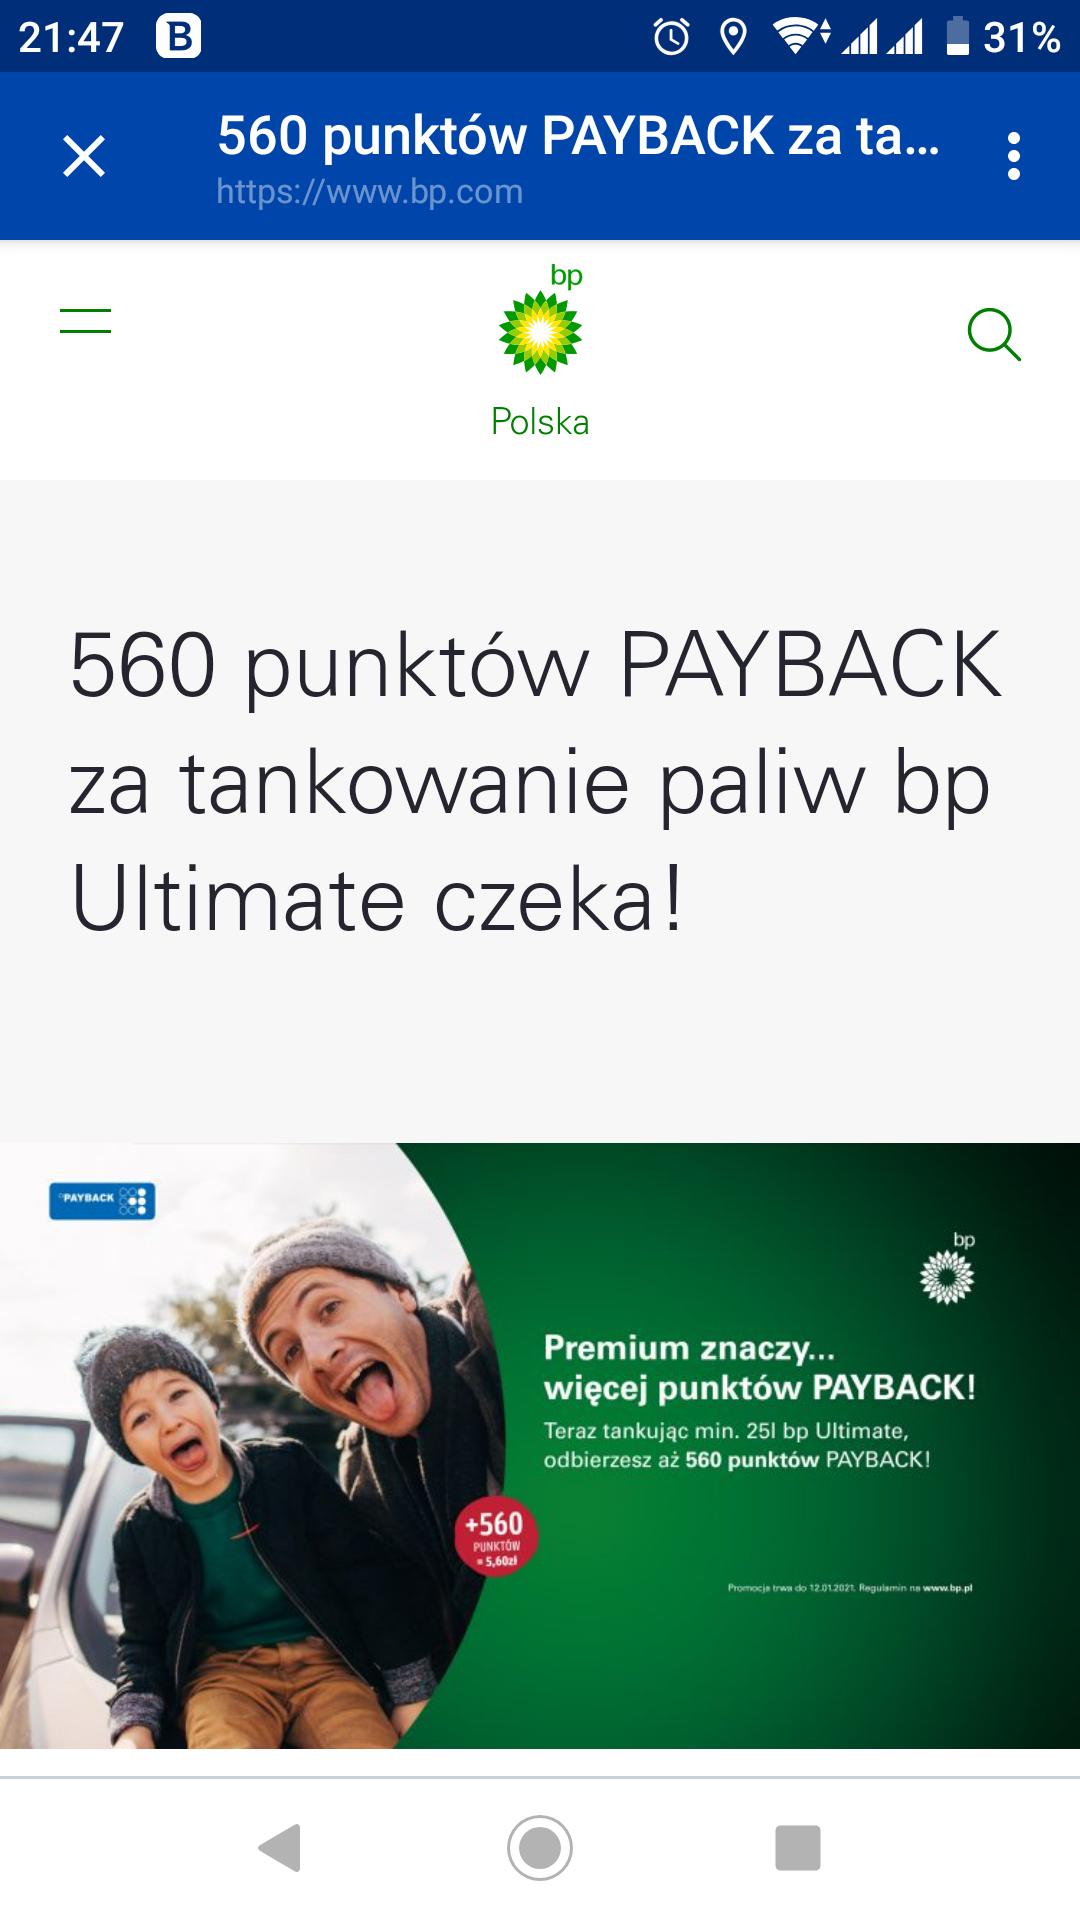 560 punktów PAYBACK za tankowanie paliw bp Ultimate czeka!